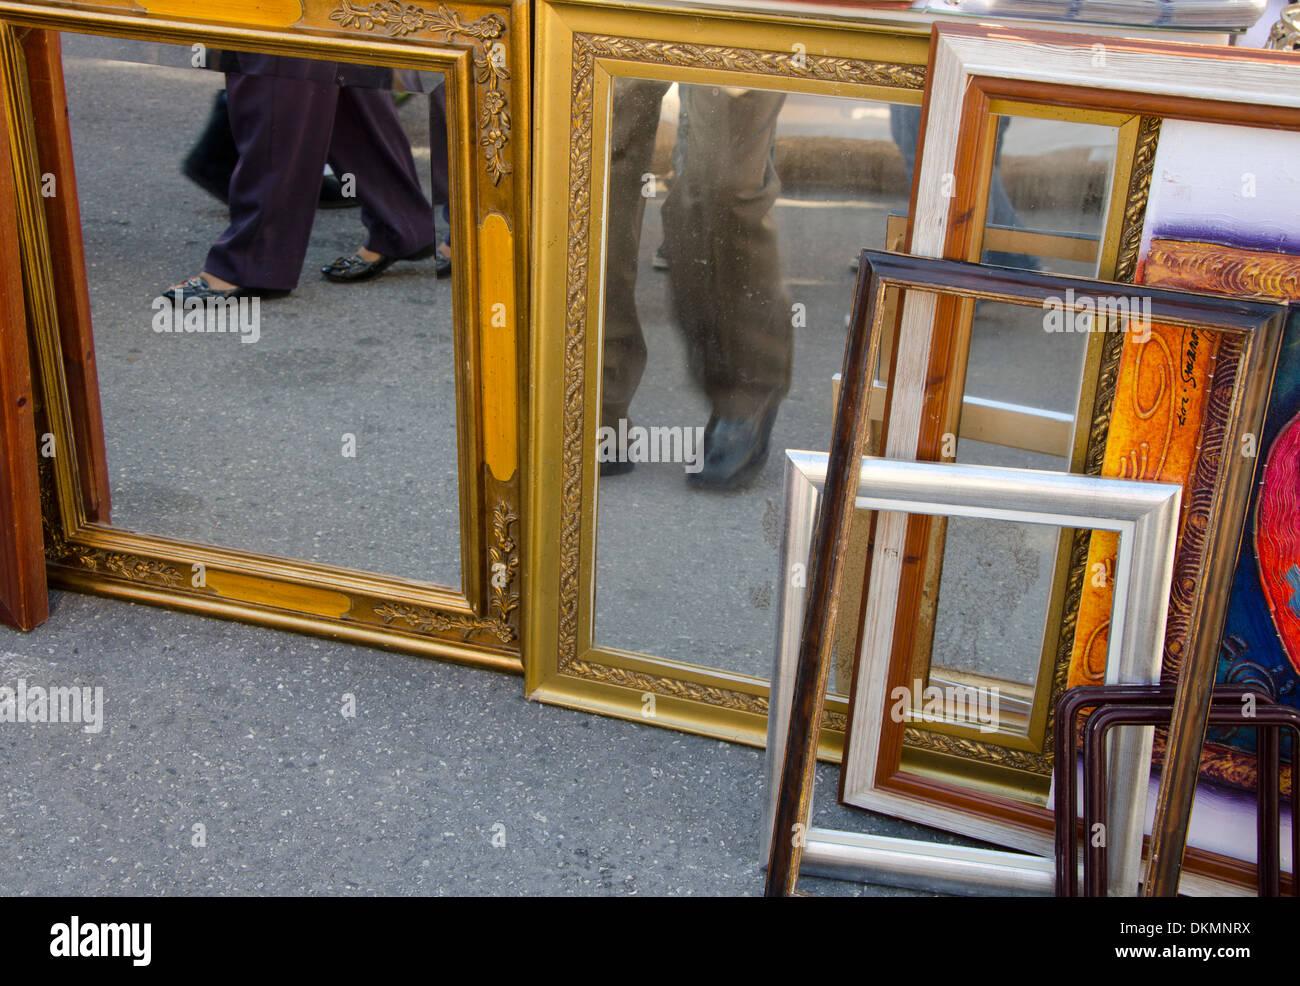 Zweiter hand Markt gerahmte Spiegel und Rahmen zum Verkauf in ...